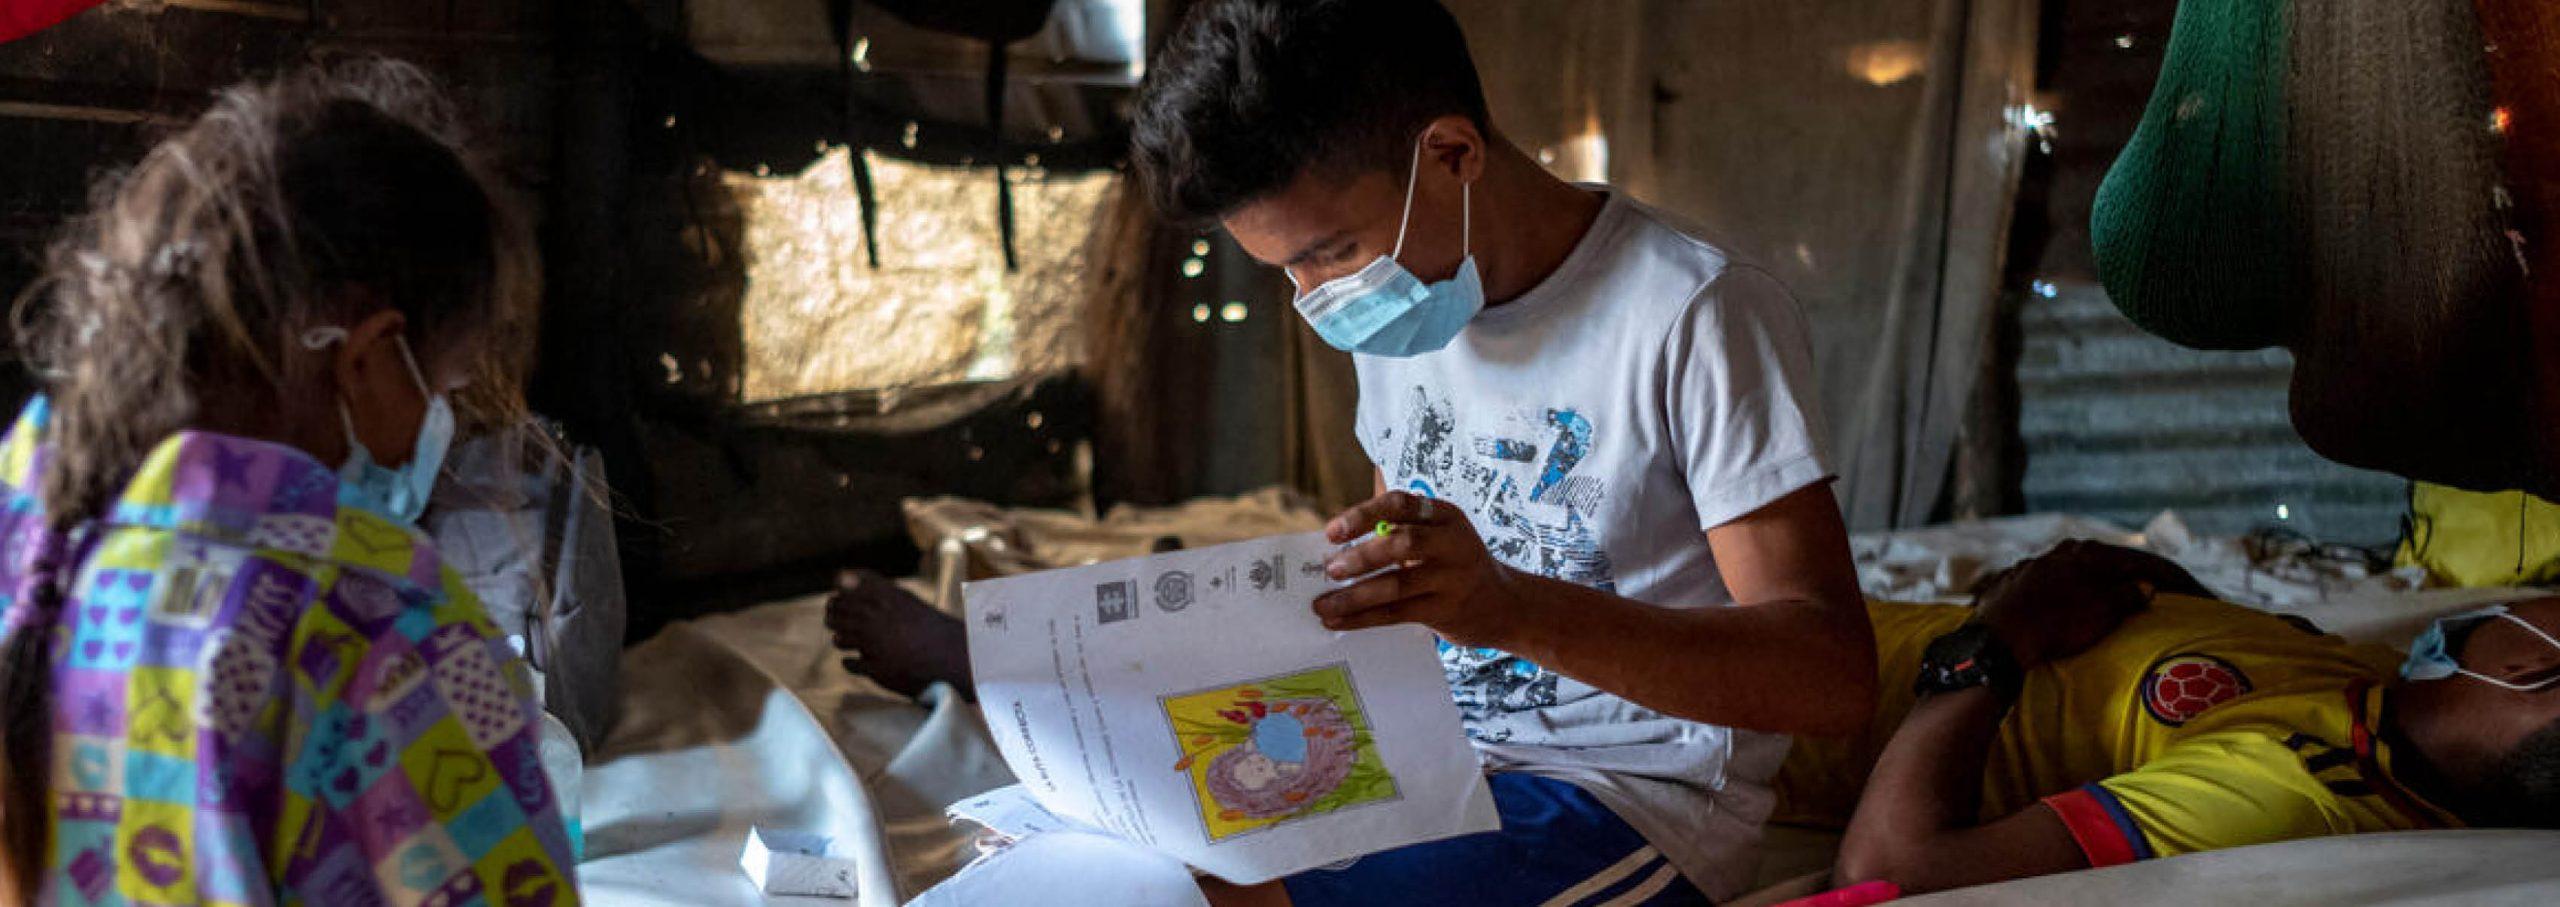 Koulutus romahduksen partaalla joka neljännessä maailman maassa ilman kiireellisiä toimia